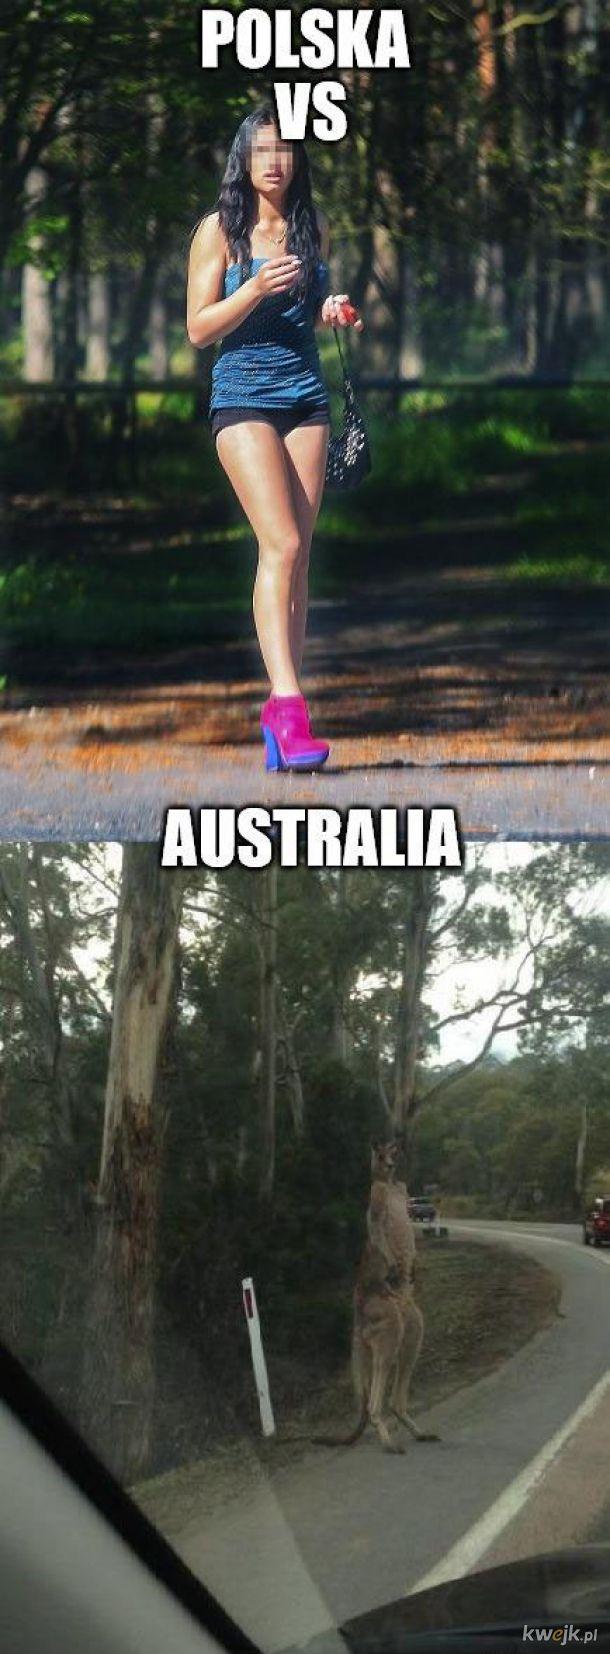 Polska vs Australia